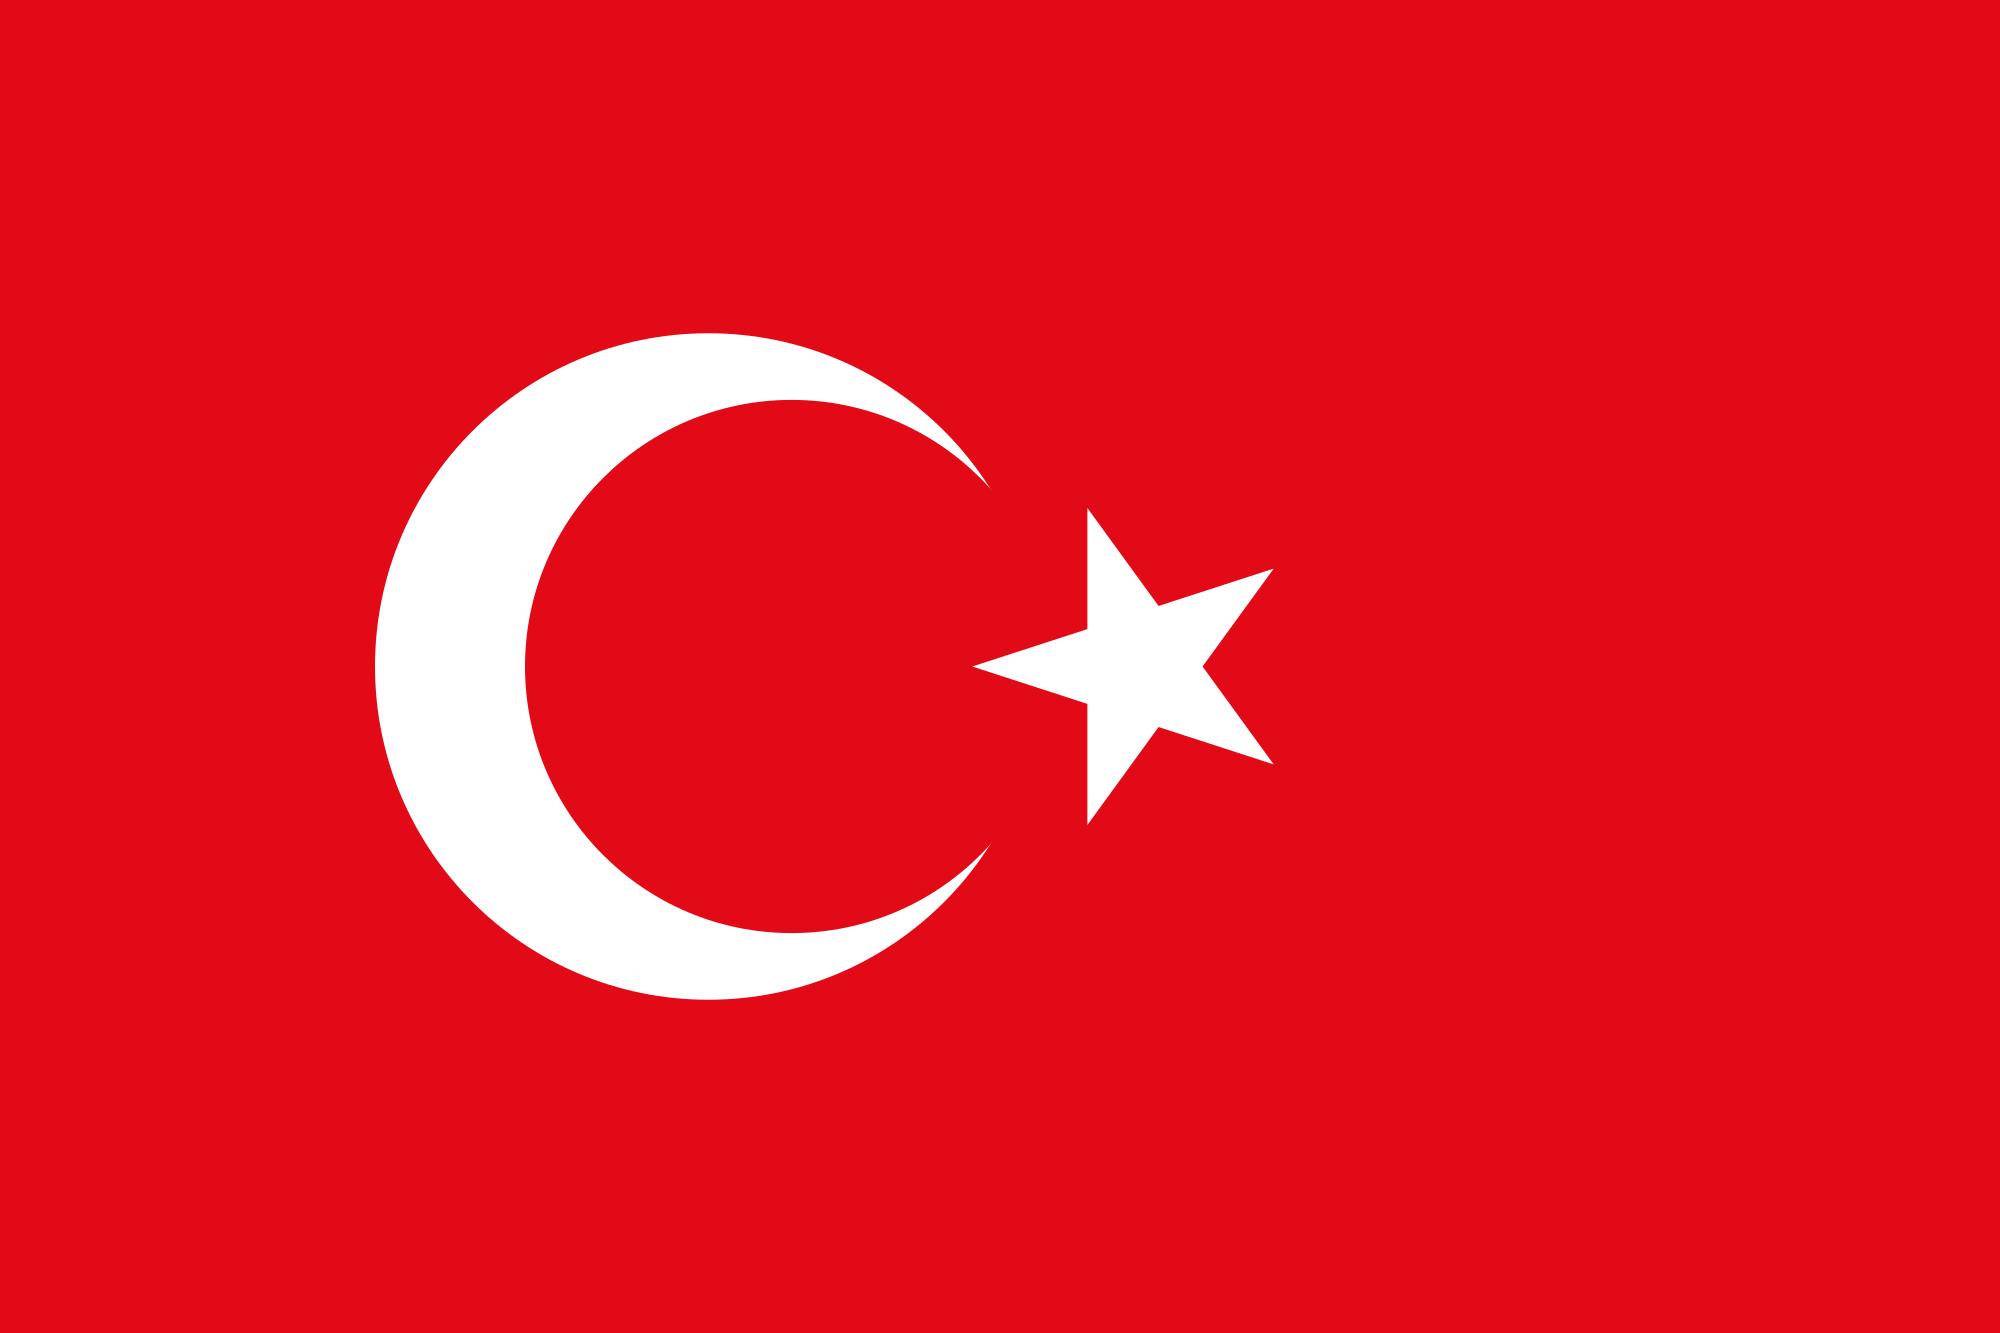 صور علم تركيا 3351